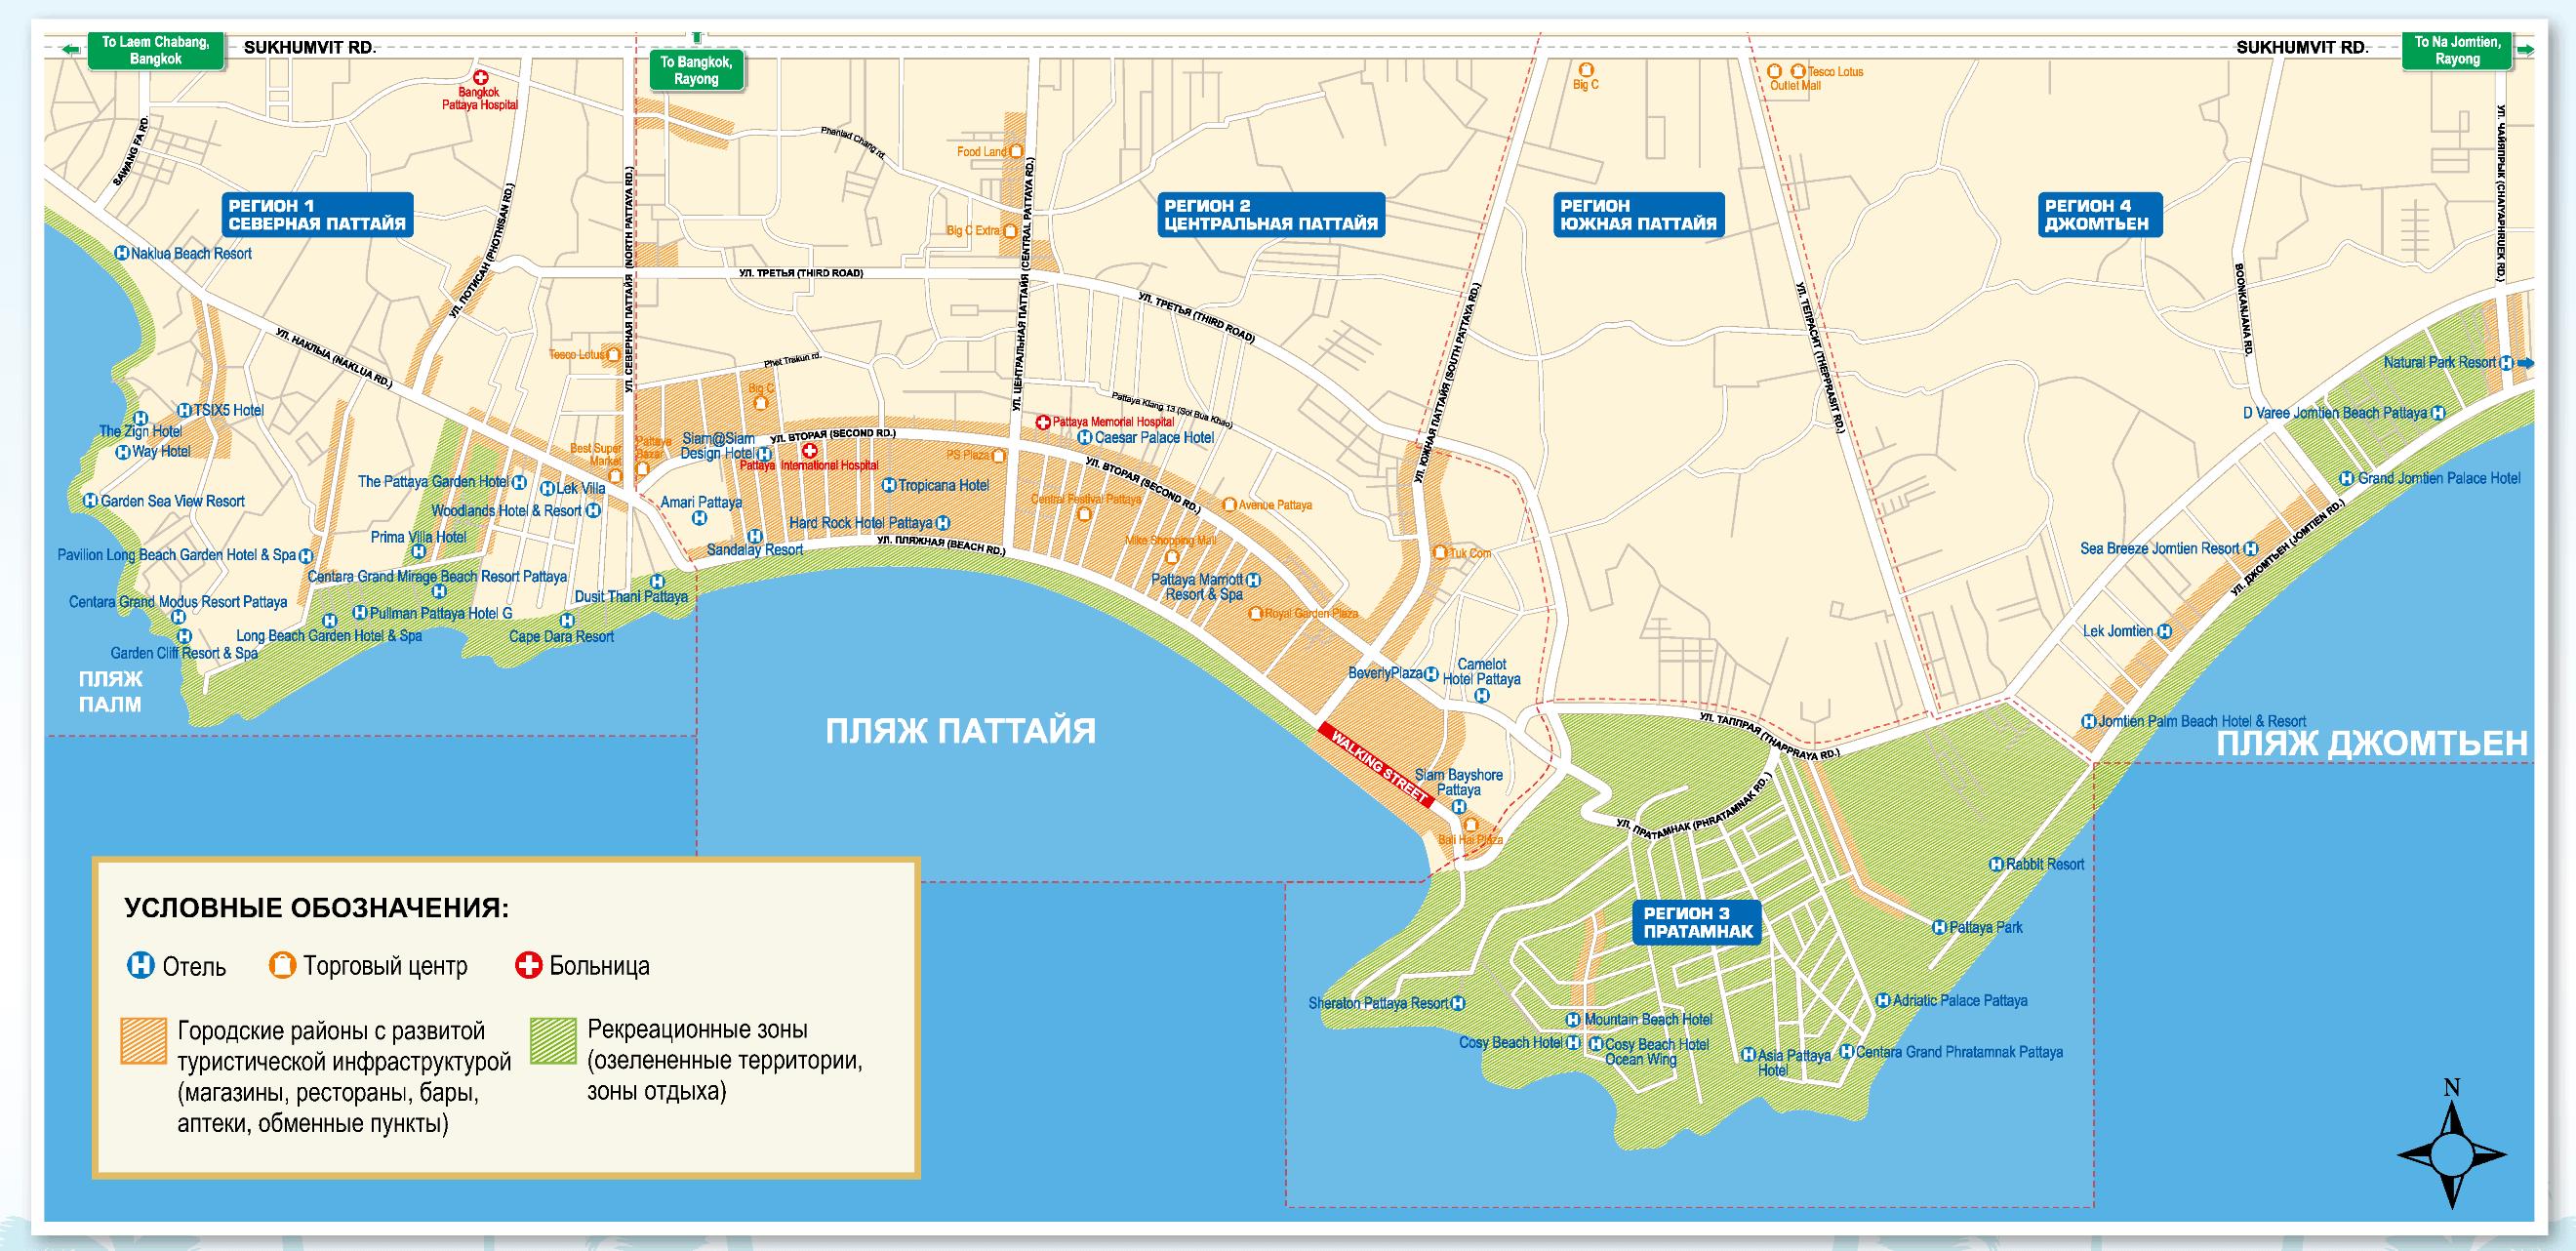 Карта Паттайи (Таиланд) с отелями, пляжами, торговыми центрами, клиниками